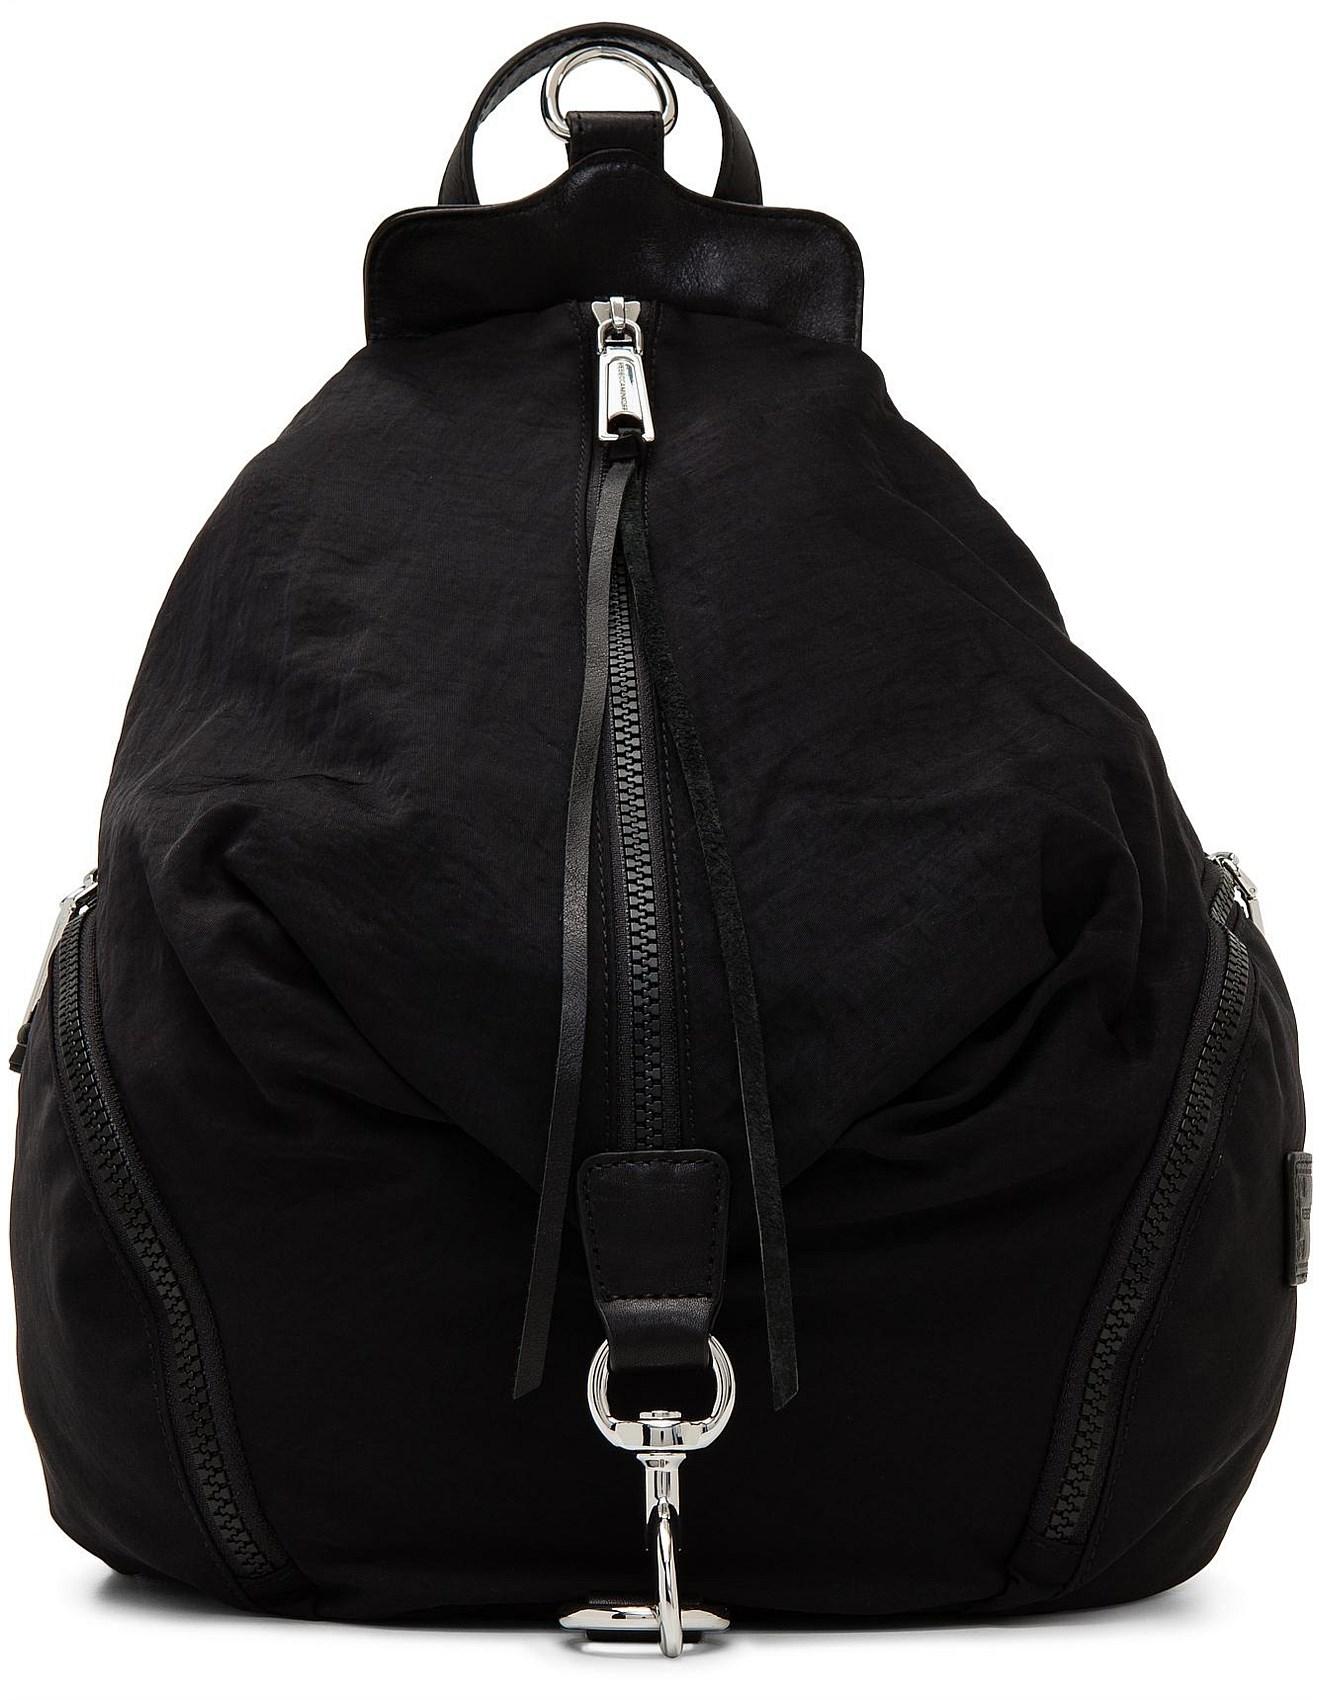 3968313953d Designer Handbags For Women | Buy Ladies Bags Online | David Jones ...